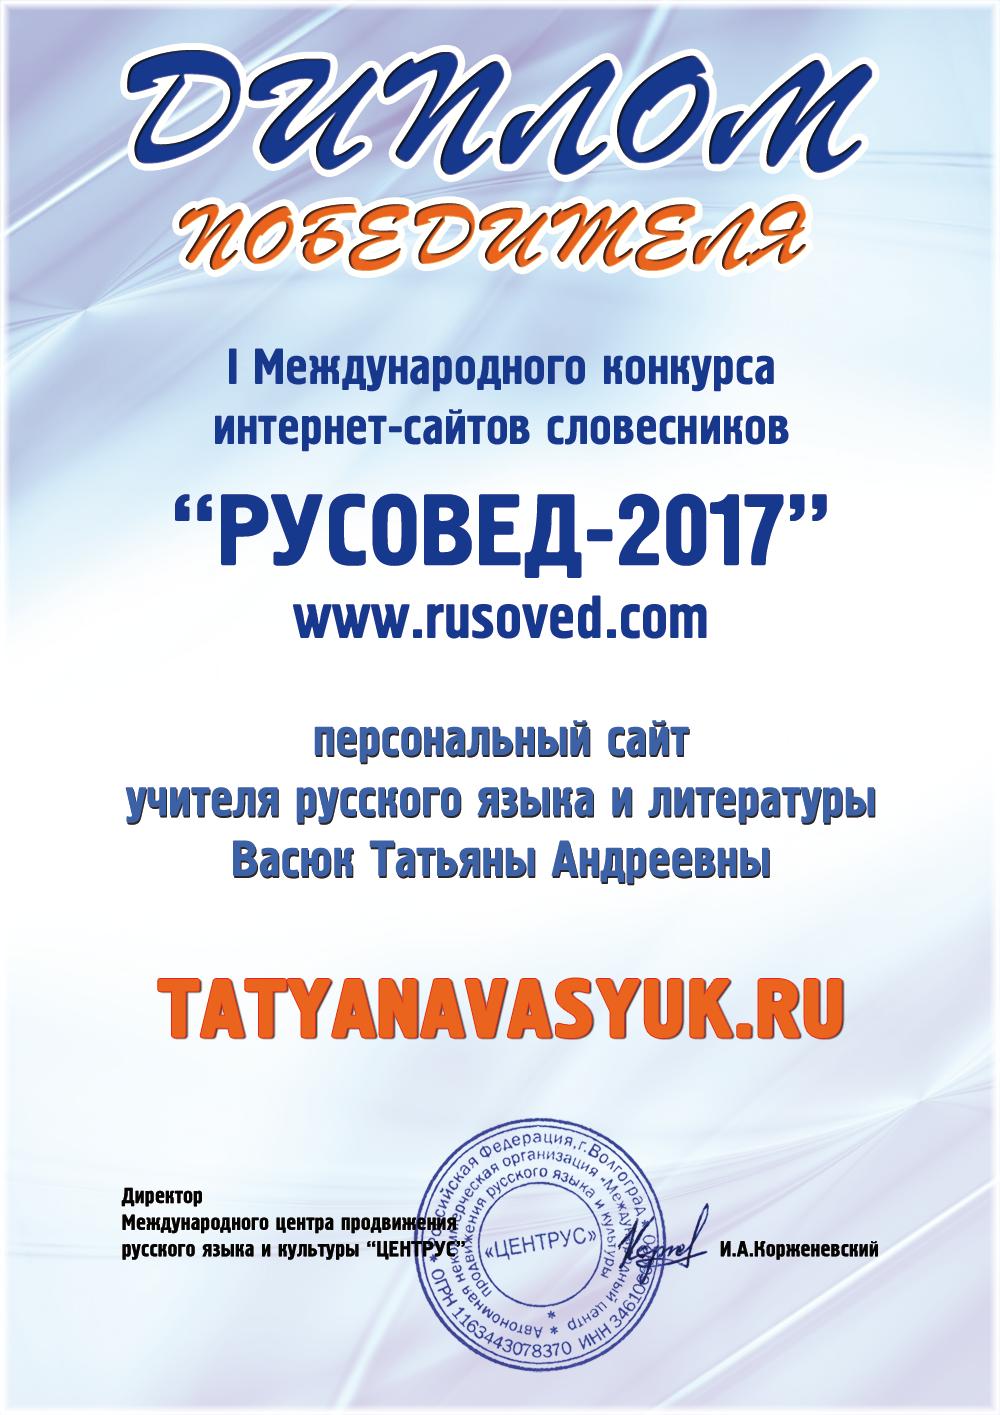 Диплом победителя I Международного конкурса интернет-сайтов РУСОВЕД-2017